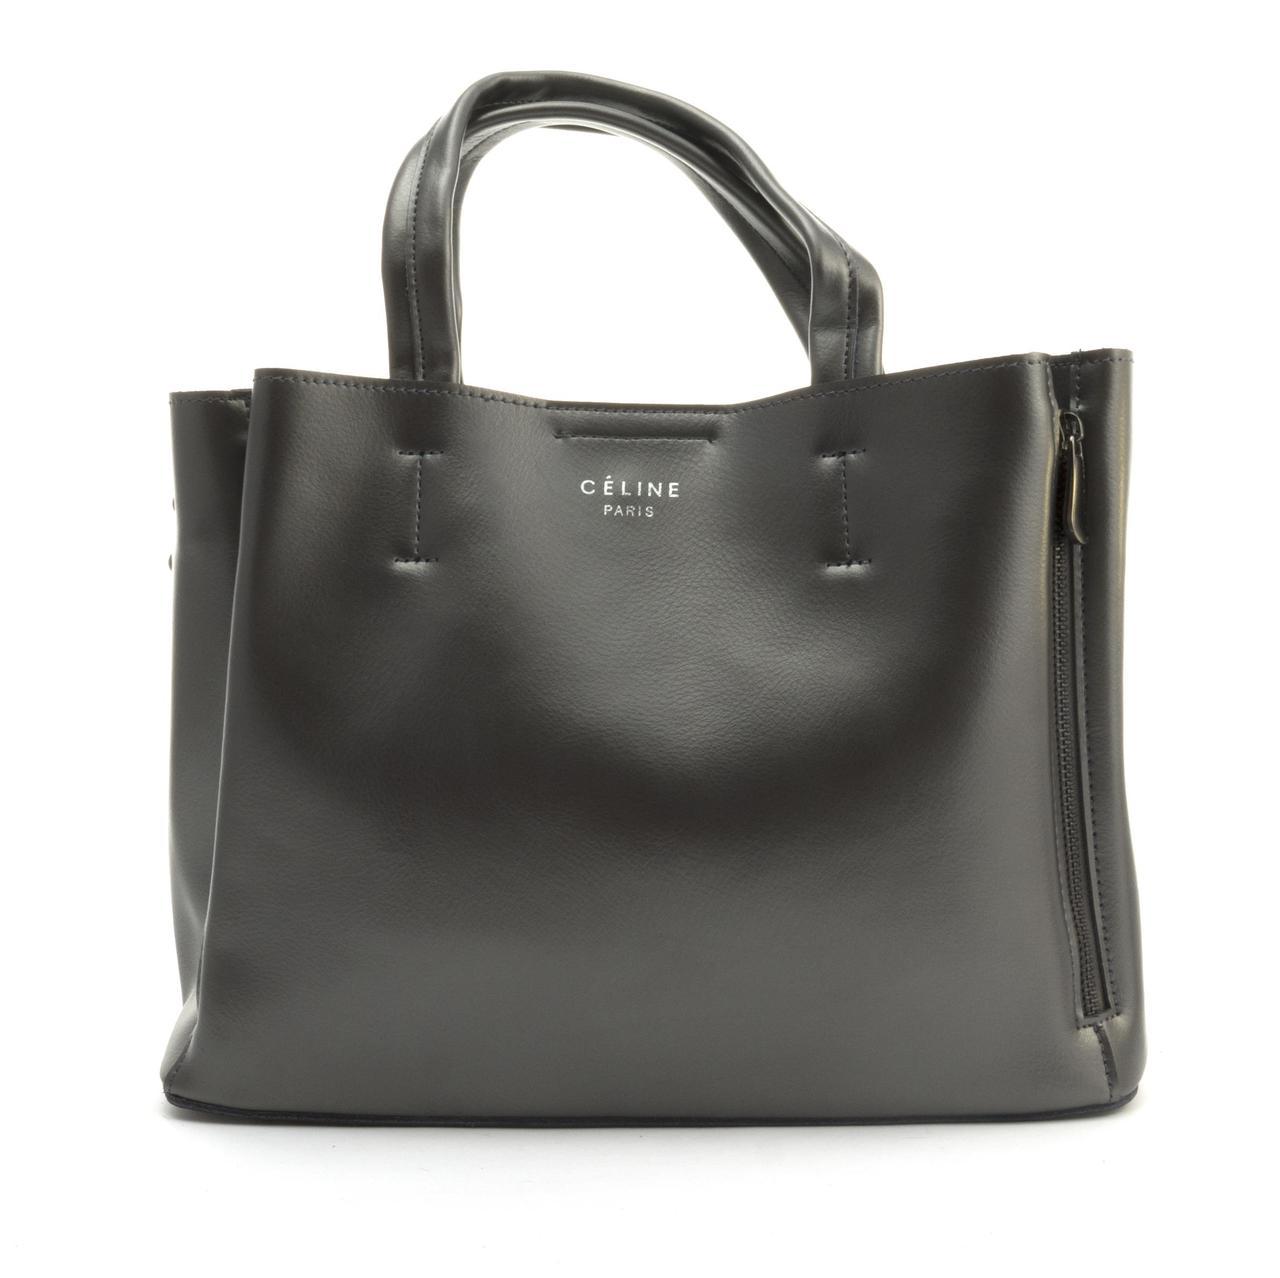 Суперстильная кожана прочная женская сумка среднего размера CELINE art. 0017A темно серая